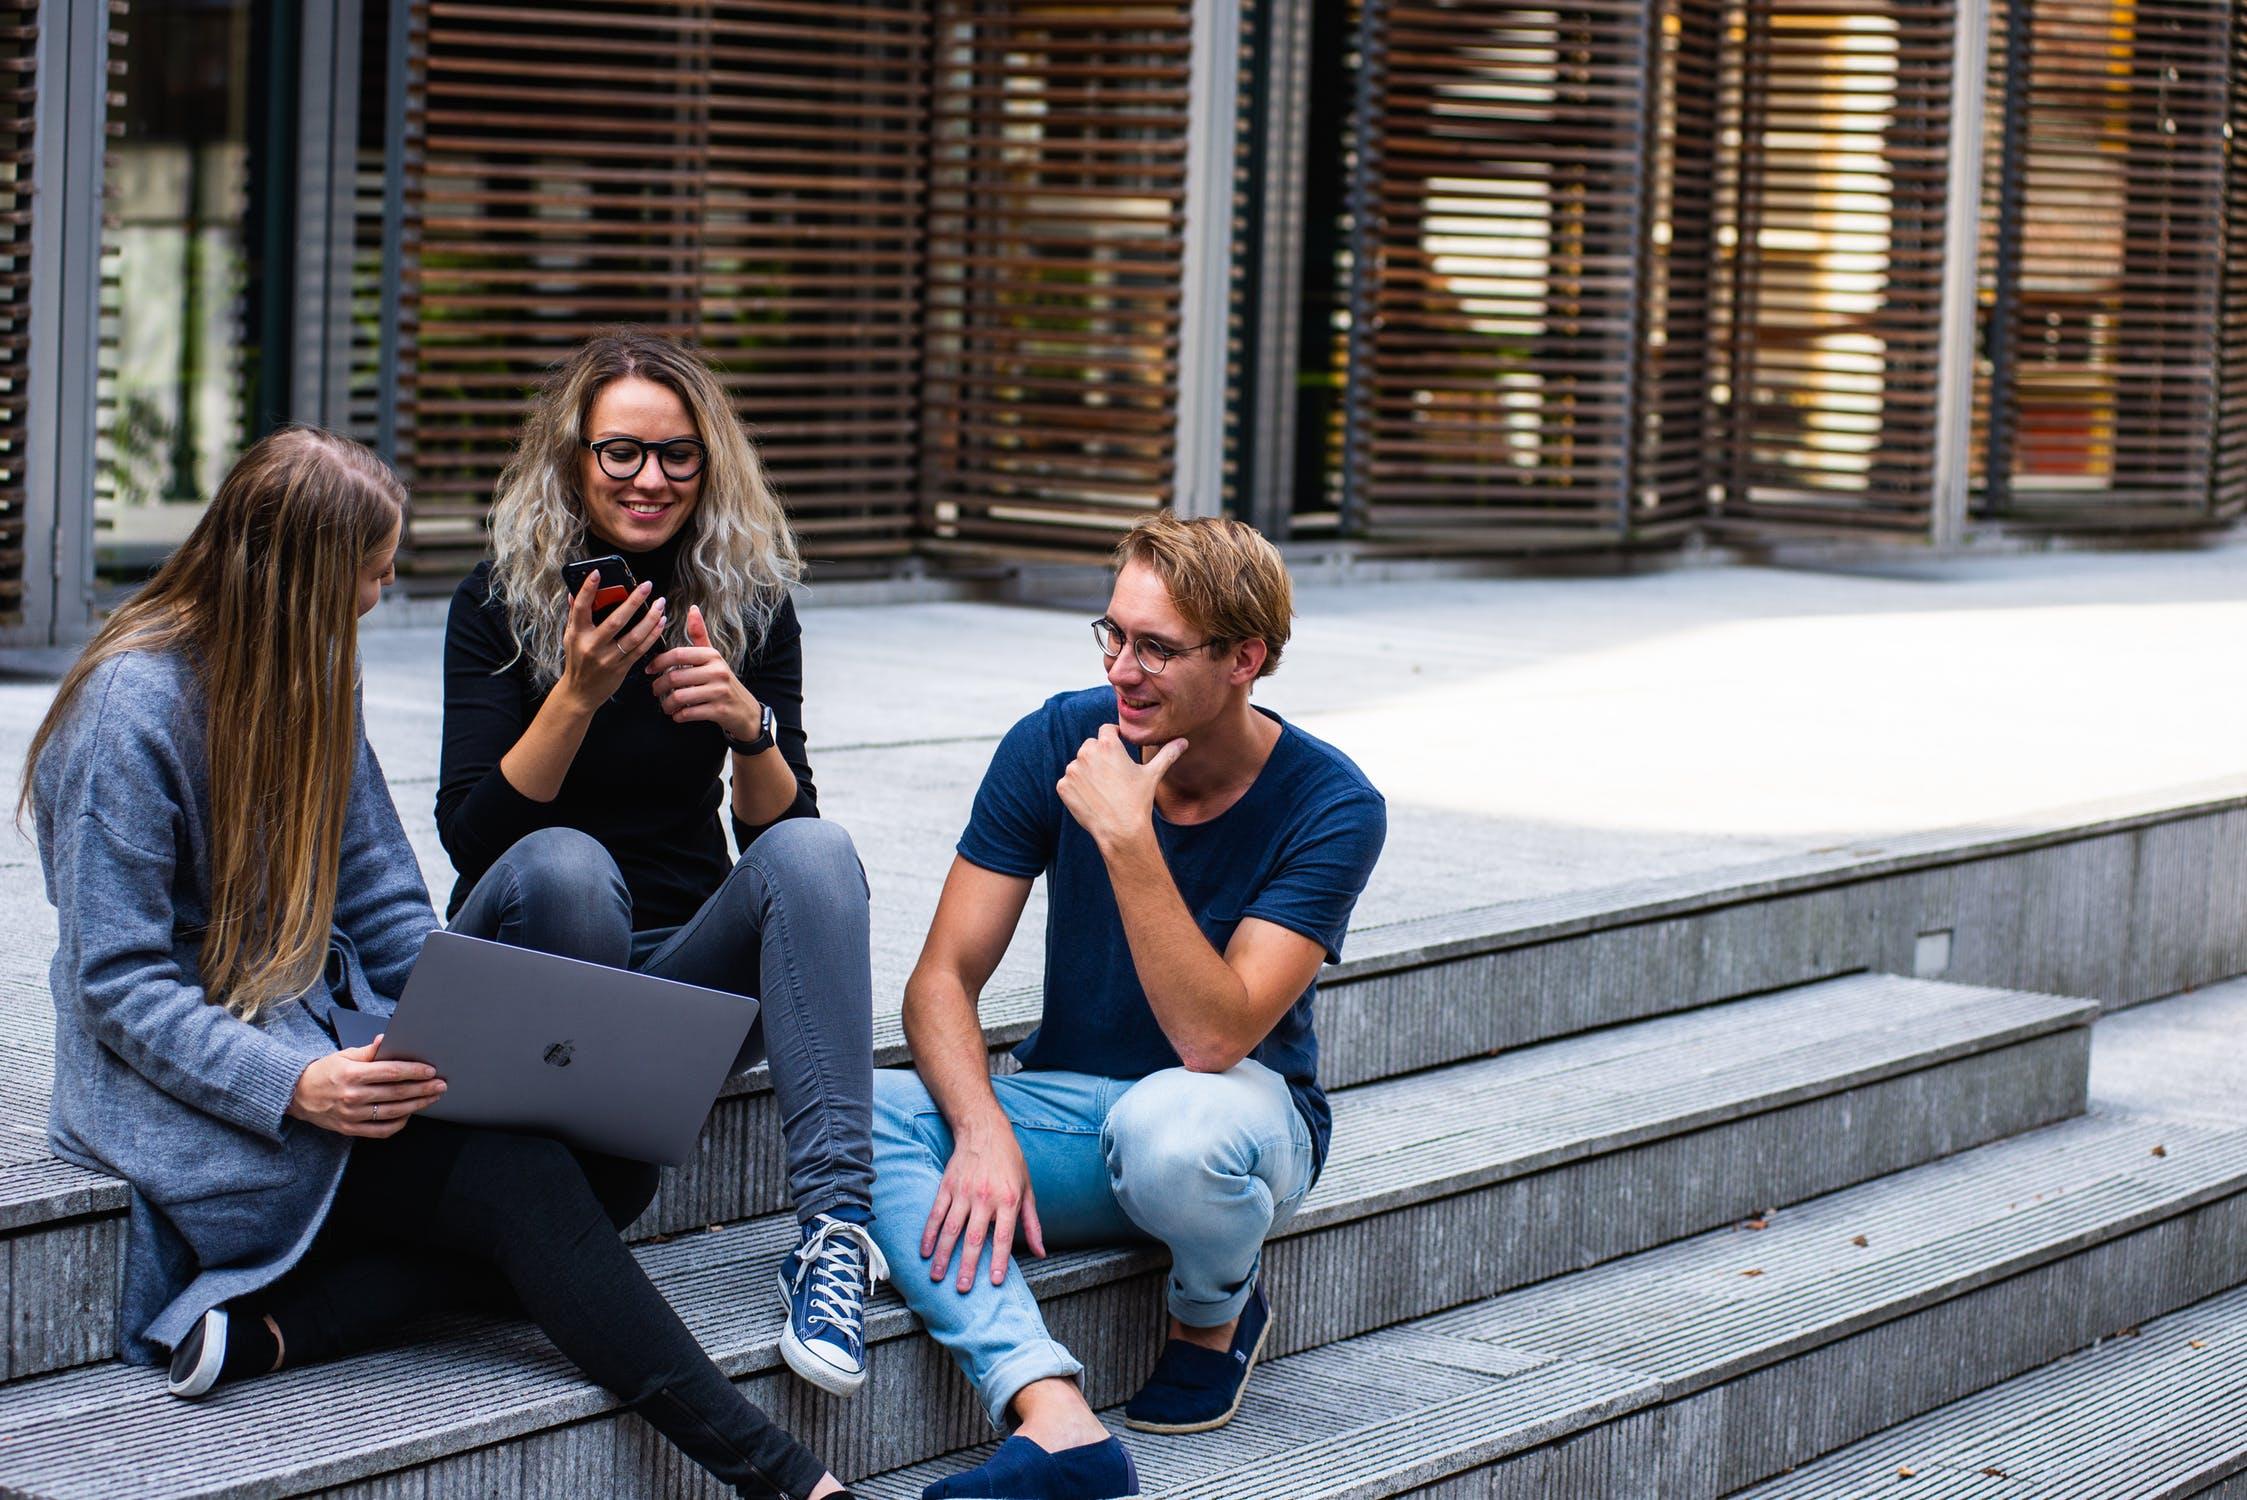 Kuliah Jurusan Manajemen Bisnis? Ini Daftar Prospek Kerjanya